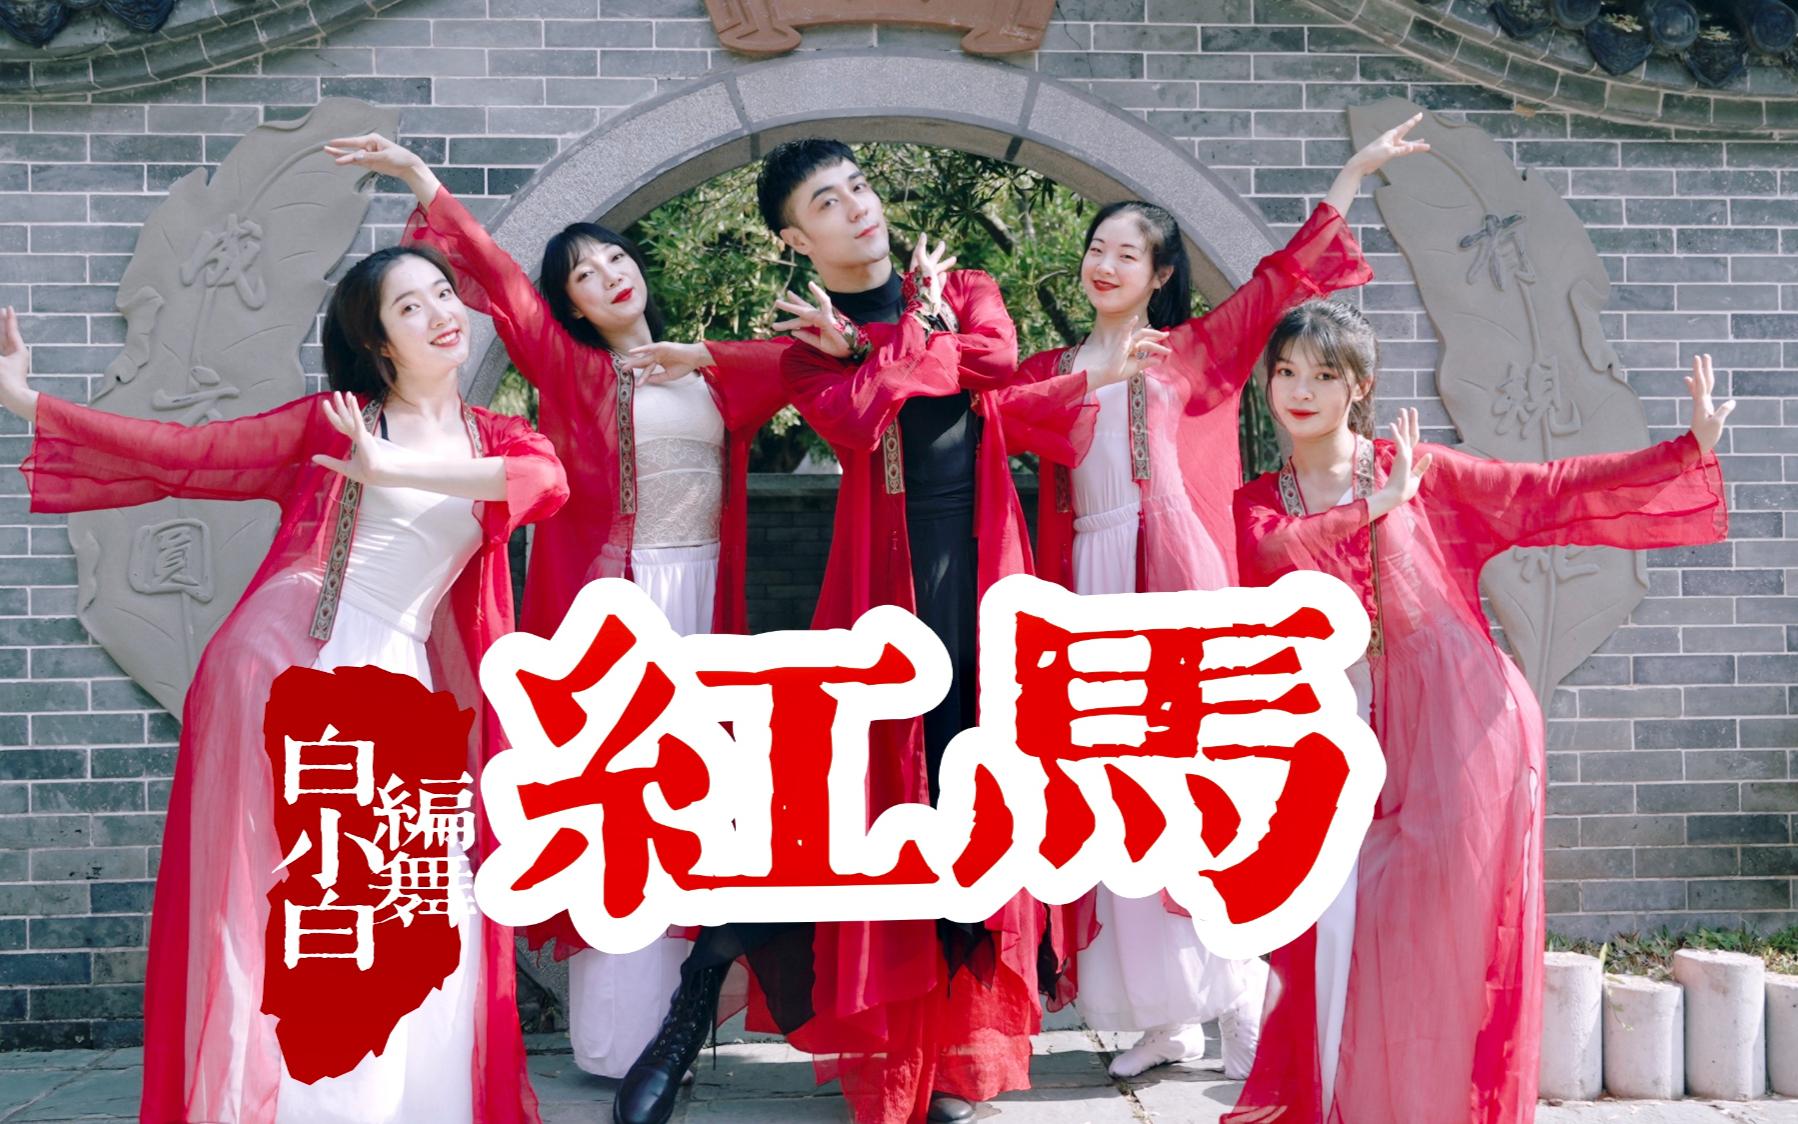 我在江南 撒把欢 多无邪❀《红马》中国风爵士编舞4K完整版MV